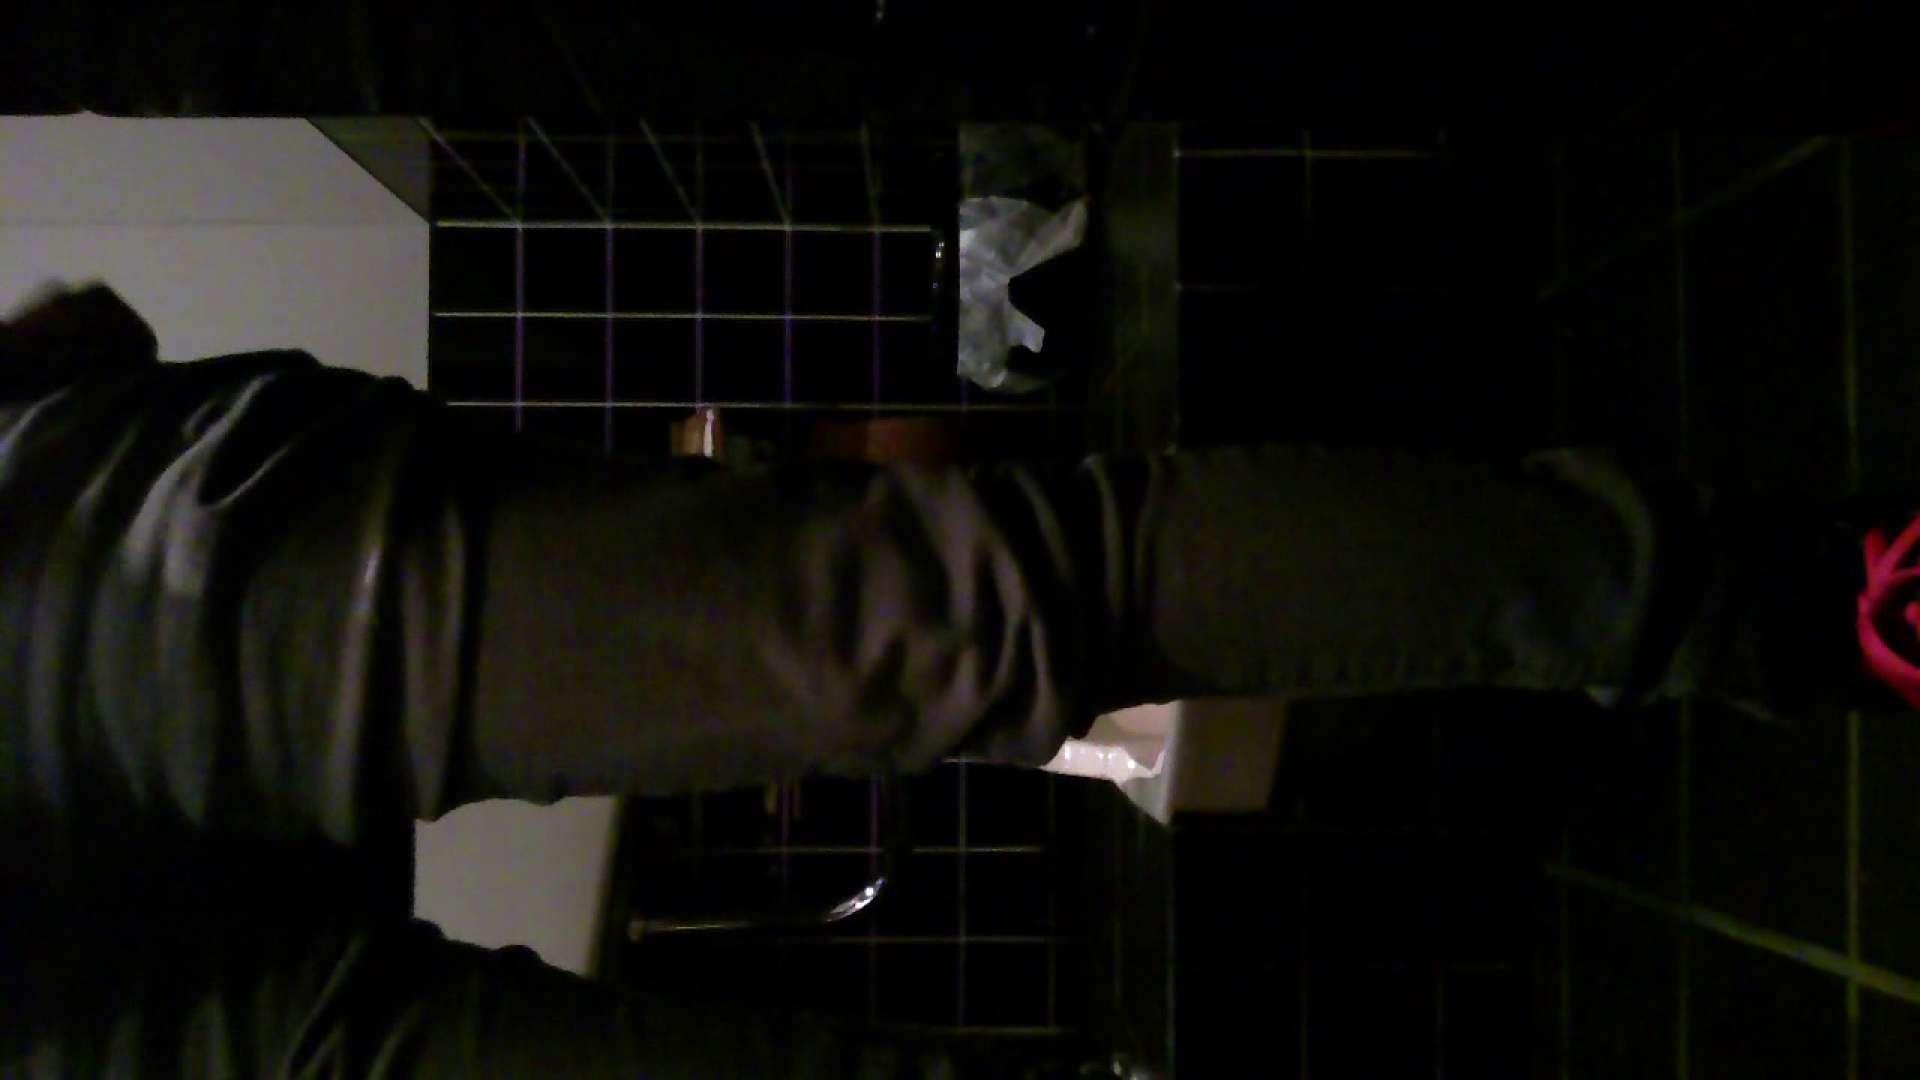 美女の集まる飲み屋洗面所 vol.02 下半身 すけべAV動画紹介 99PICs 9